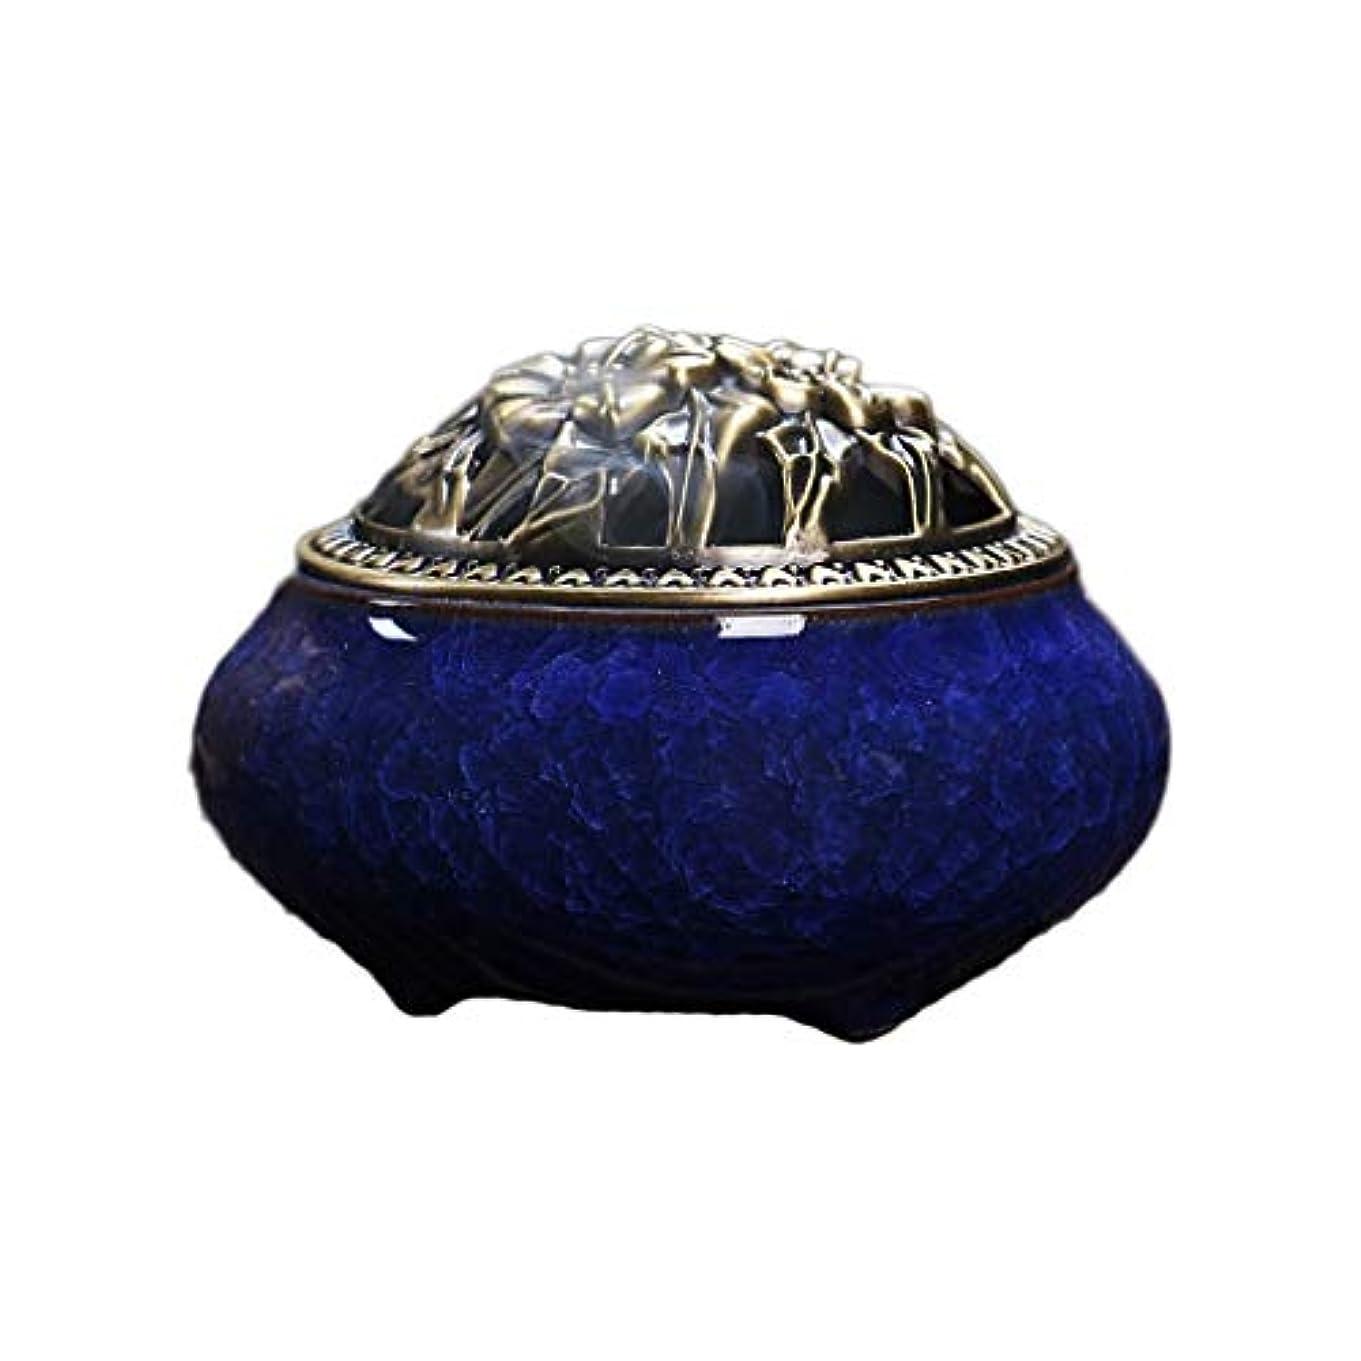 テレマコス非常に叱る磁器セラミック香炉灰キャッチャー香スティック/コーン/コイルバーナーホルダーホームルーム仏教の装飾香ホルダー (Color : Blue)